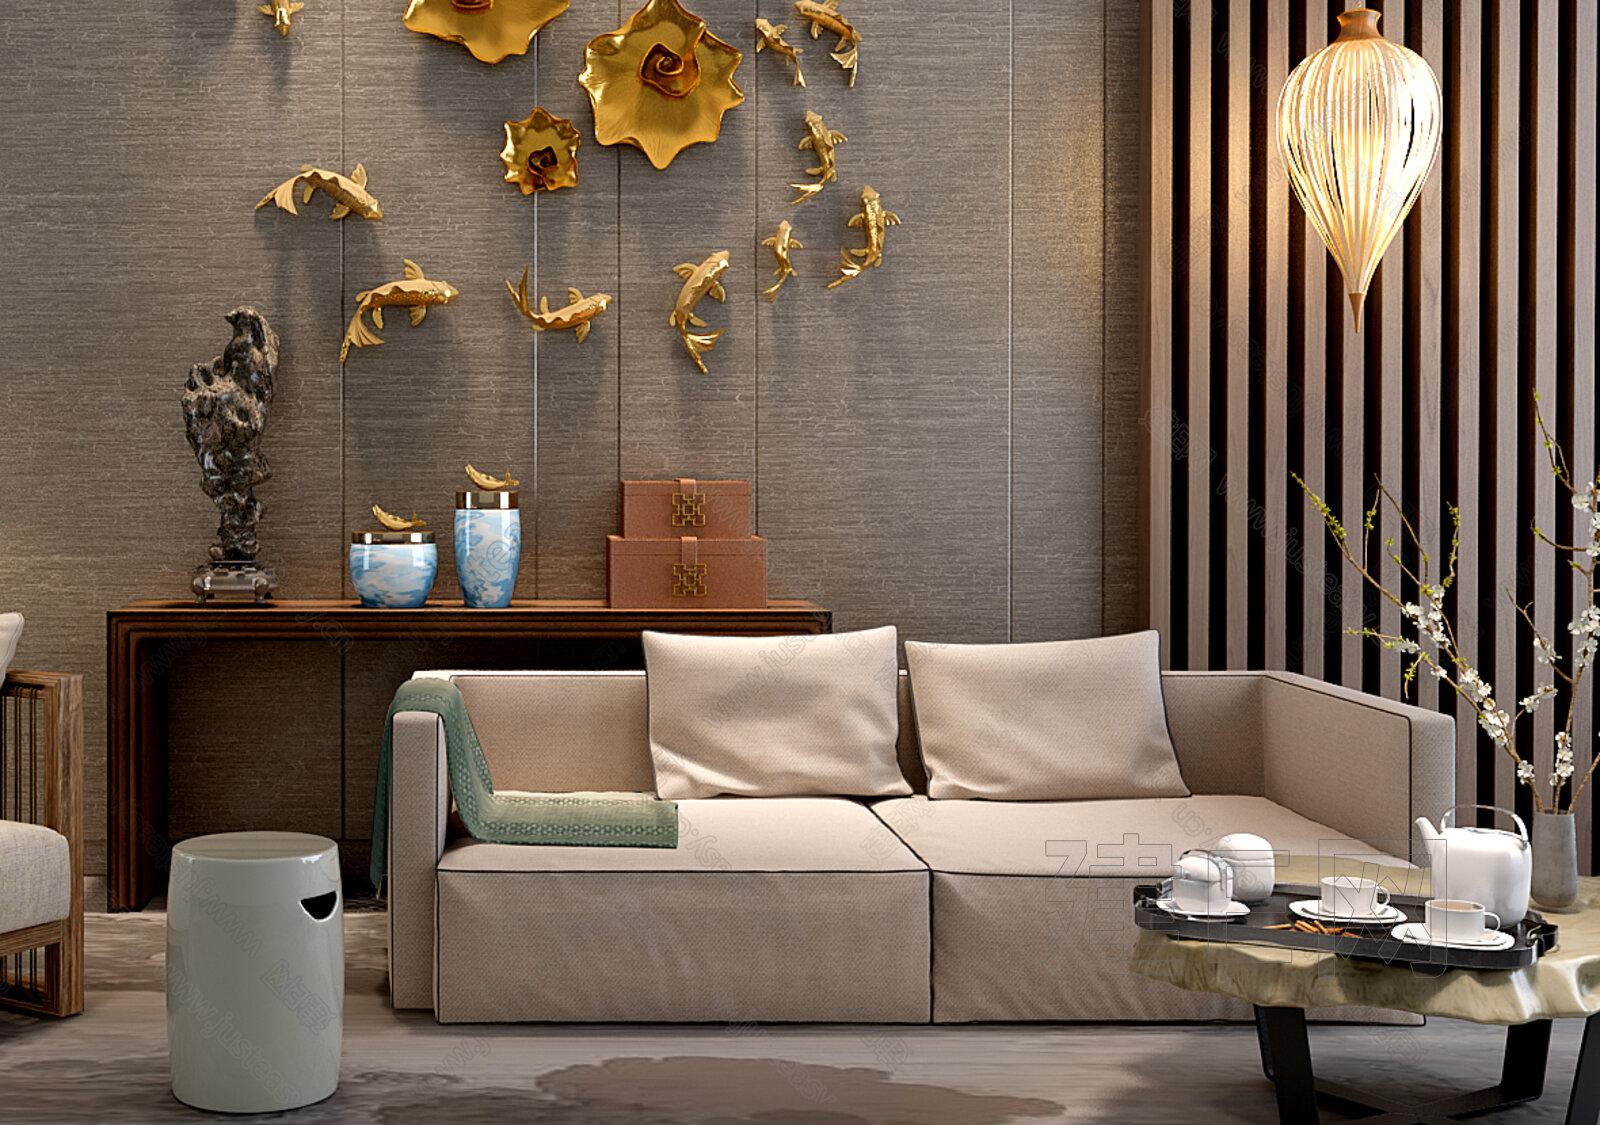 新中式沙发壁饰组合[模型id:137578]图片